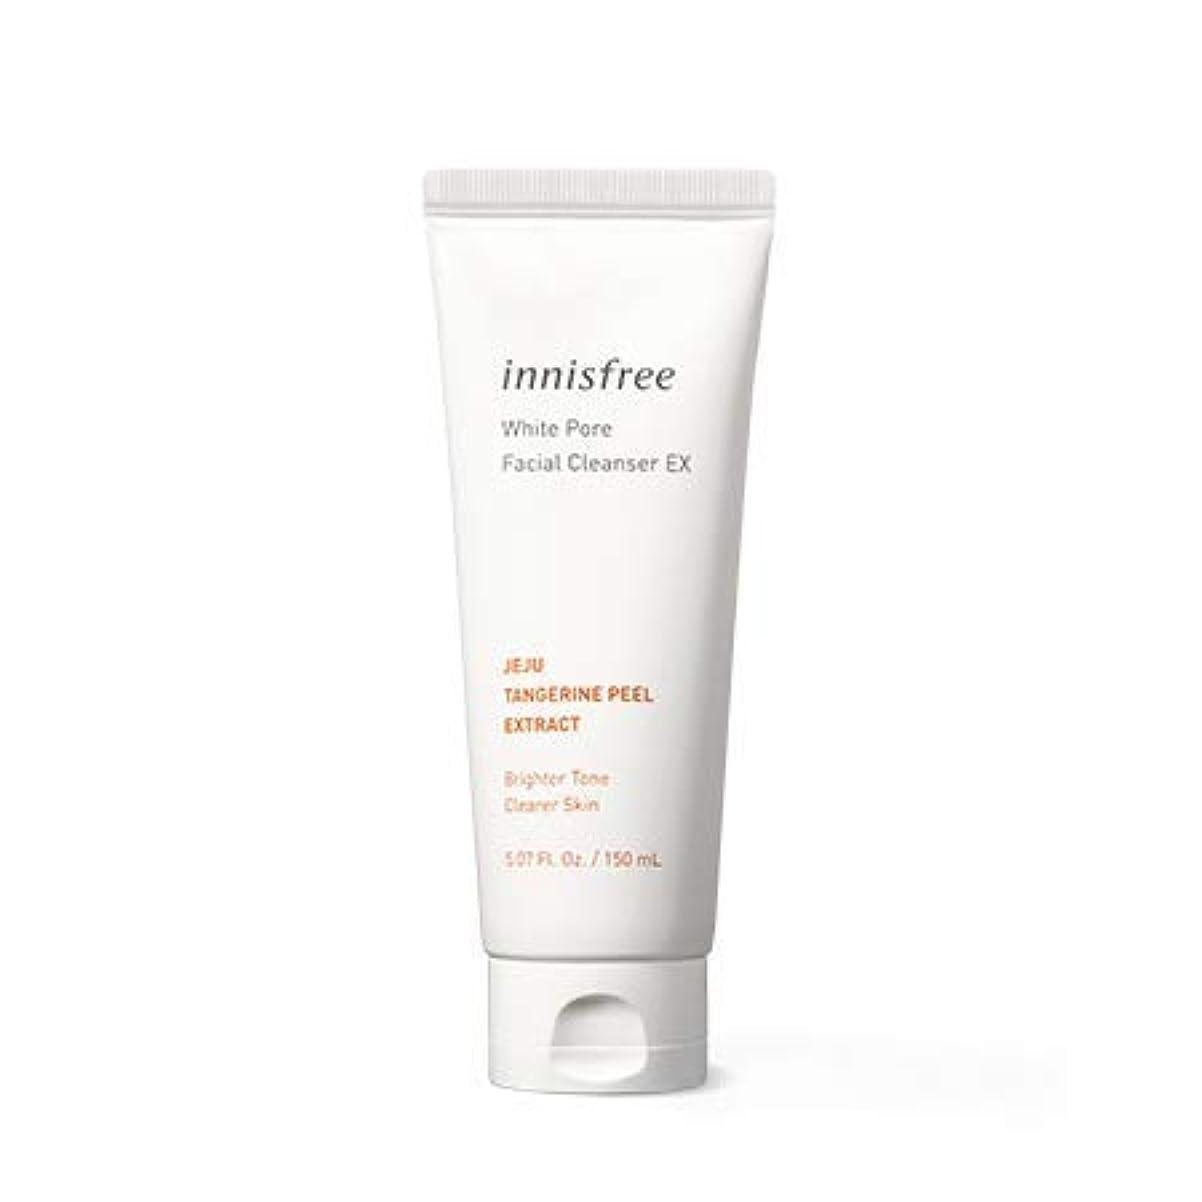 [イニスフリー.INNISFREE]ホワイトポアフェイシャルクレンザーEX150mL×2EA,(2019。新発売)White Pore Facial Cleanser Ex